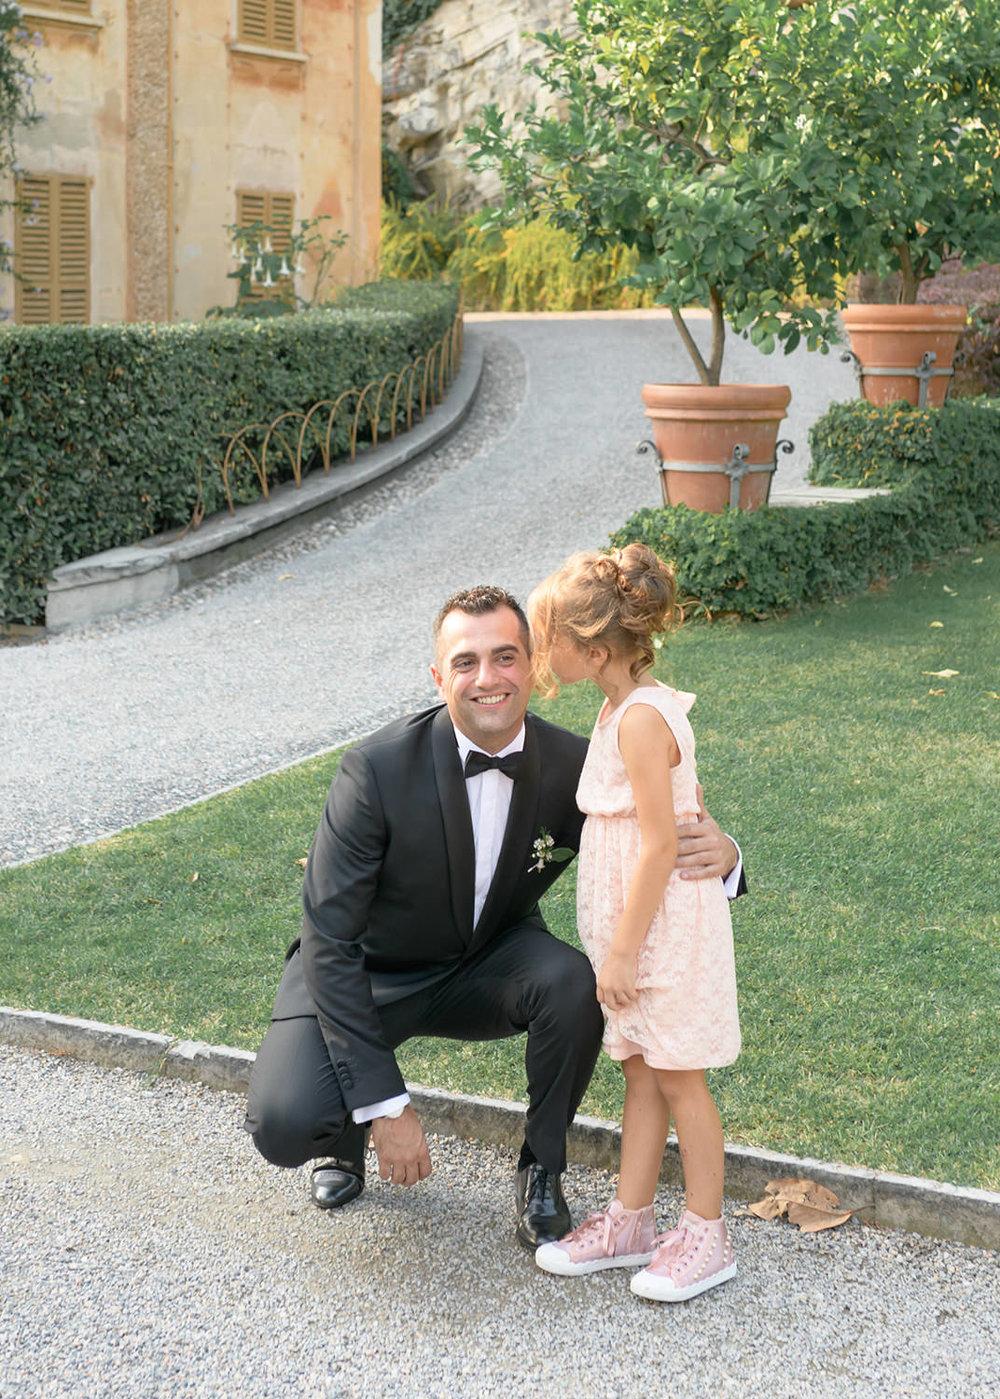 villa-pizzo-wedding-photographer-F&E-©bottega53-18.JPG